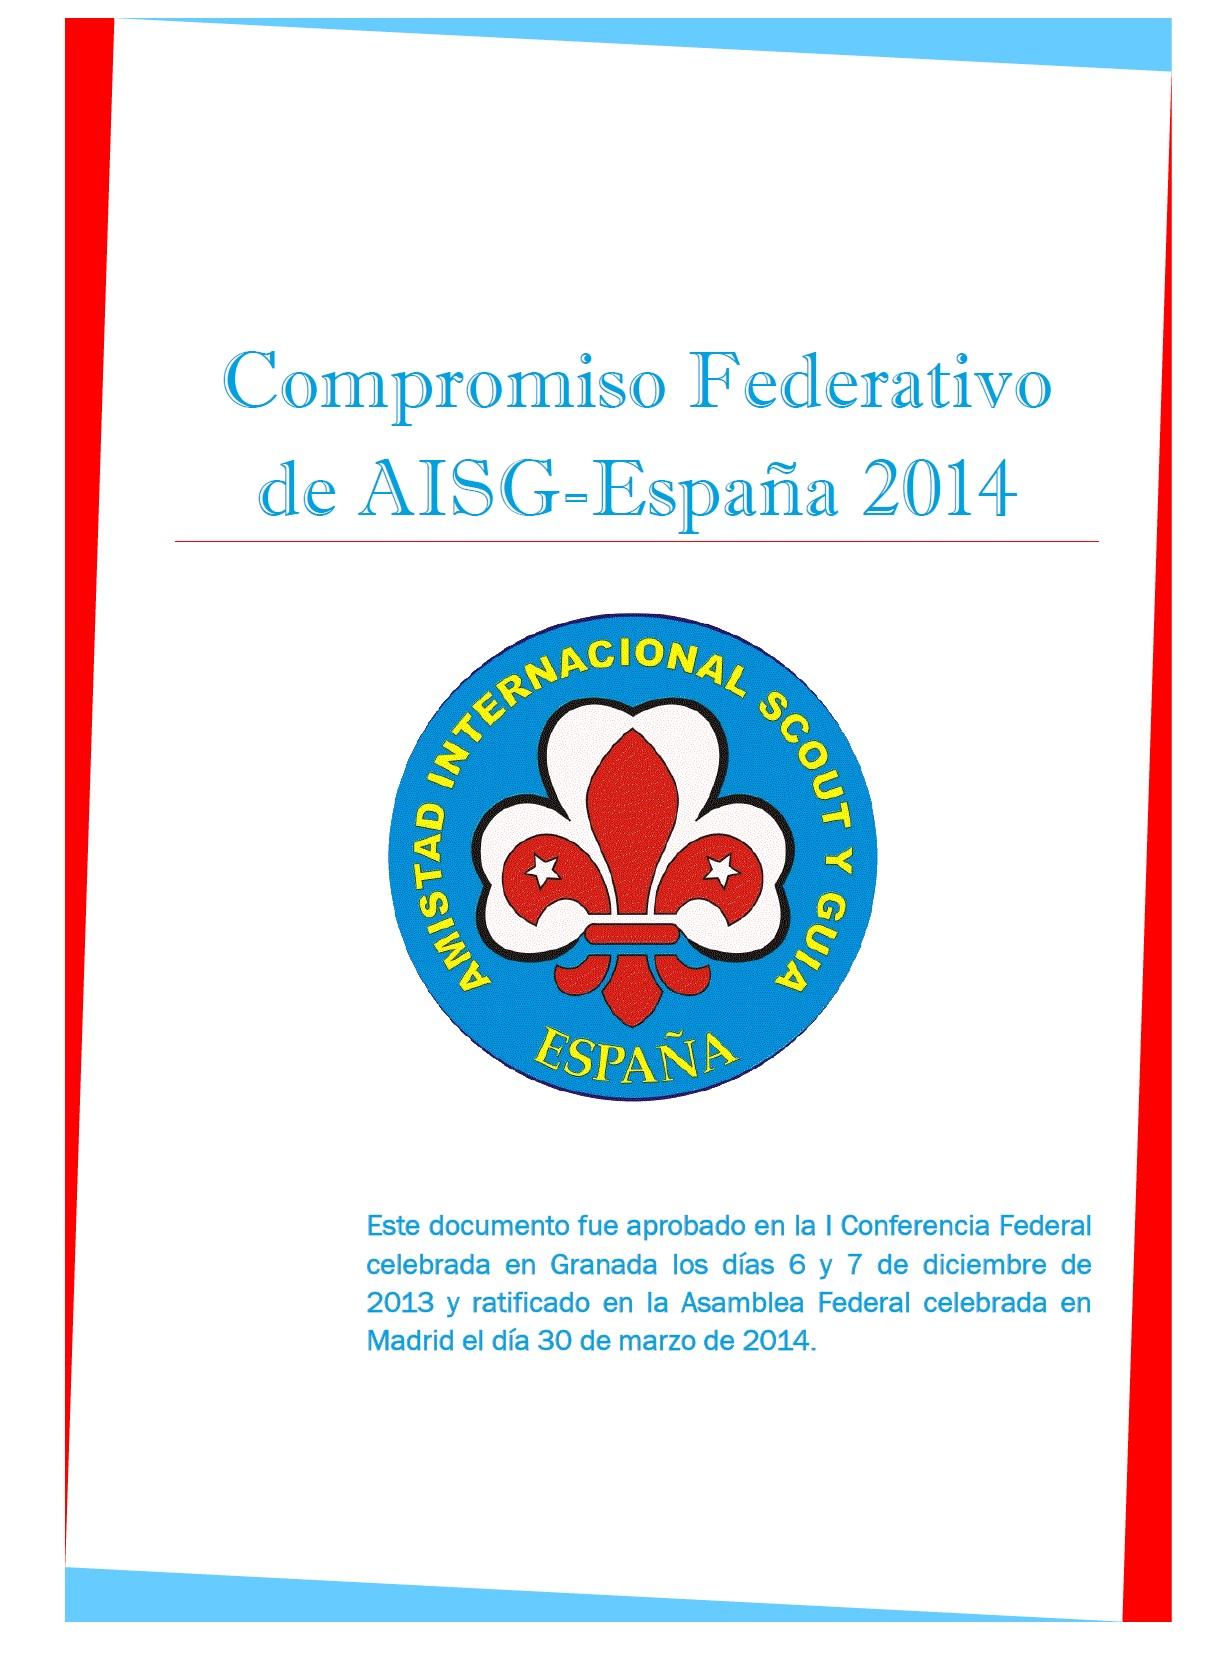 Compromiso-Federativo-de-AISG-España-2014-2